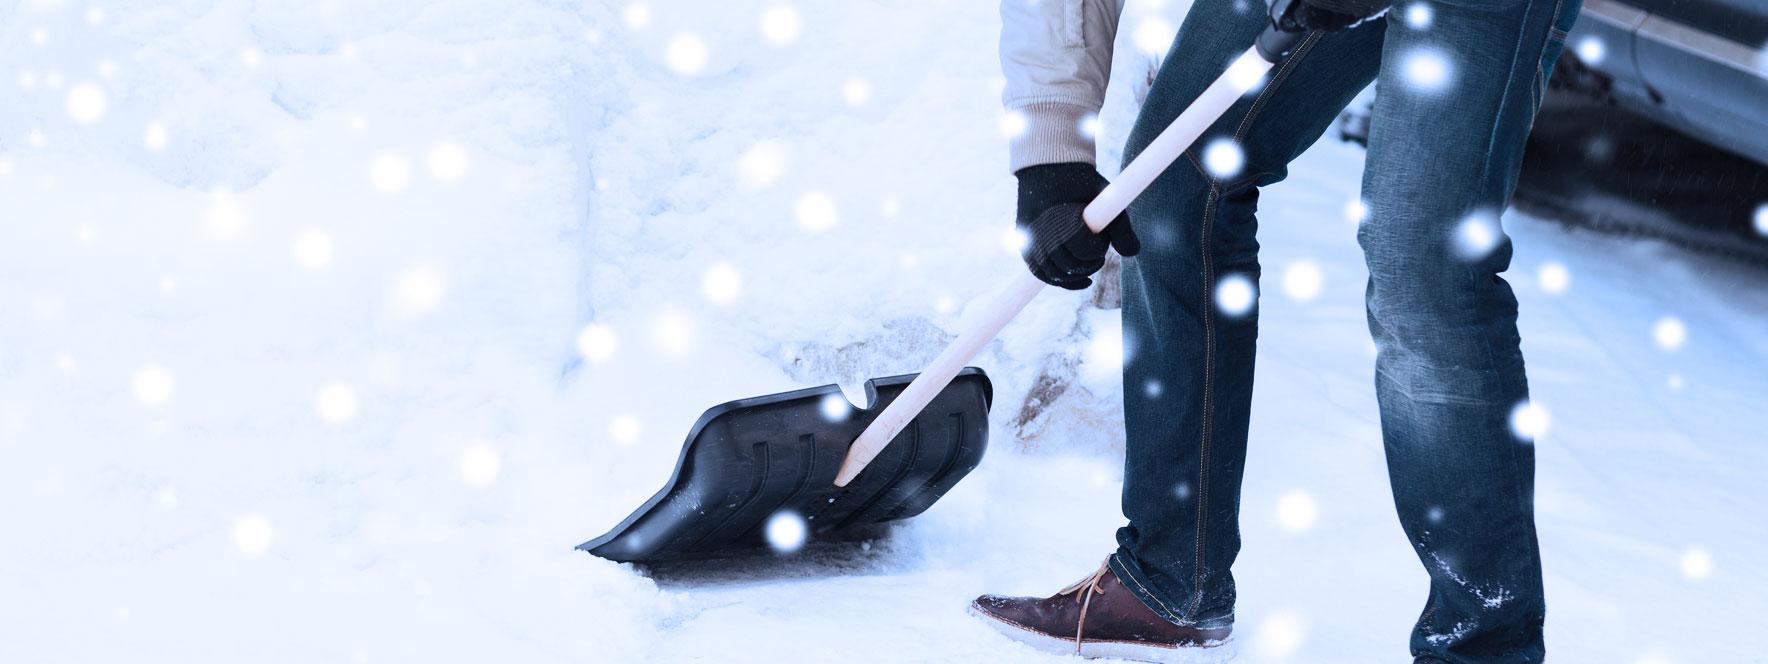 Pelleter en hiver: attention aux maux de dos - Blogue du Réseau